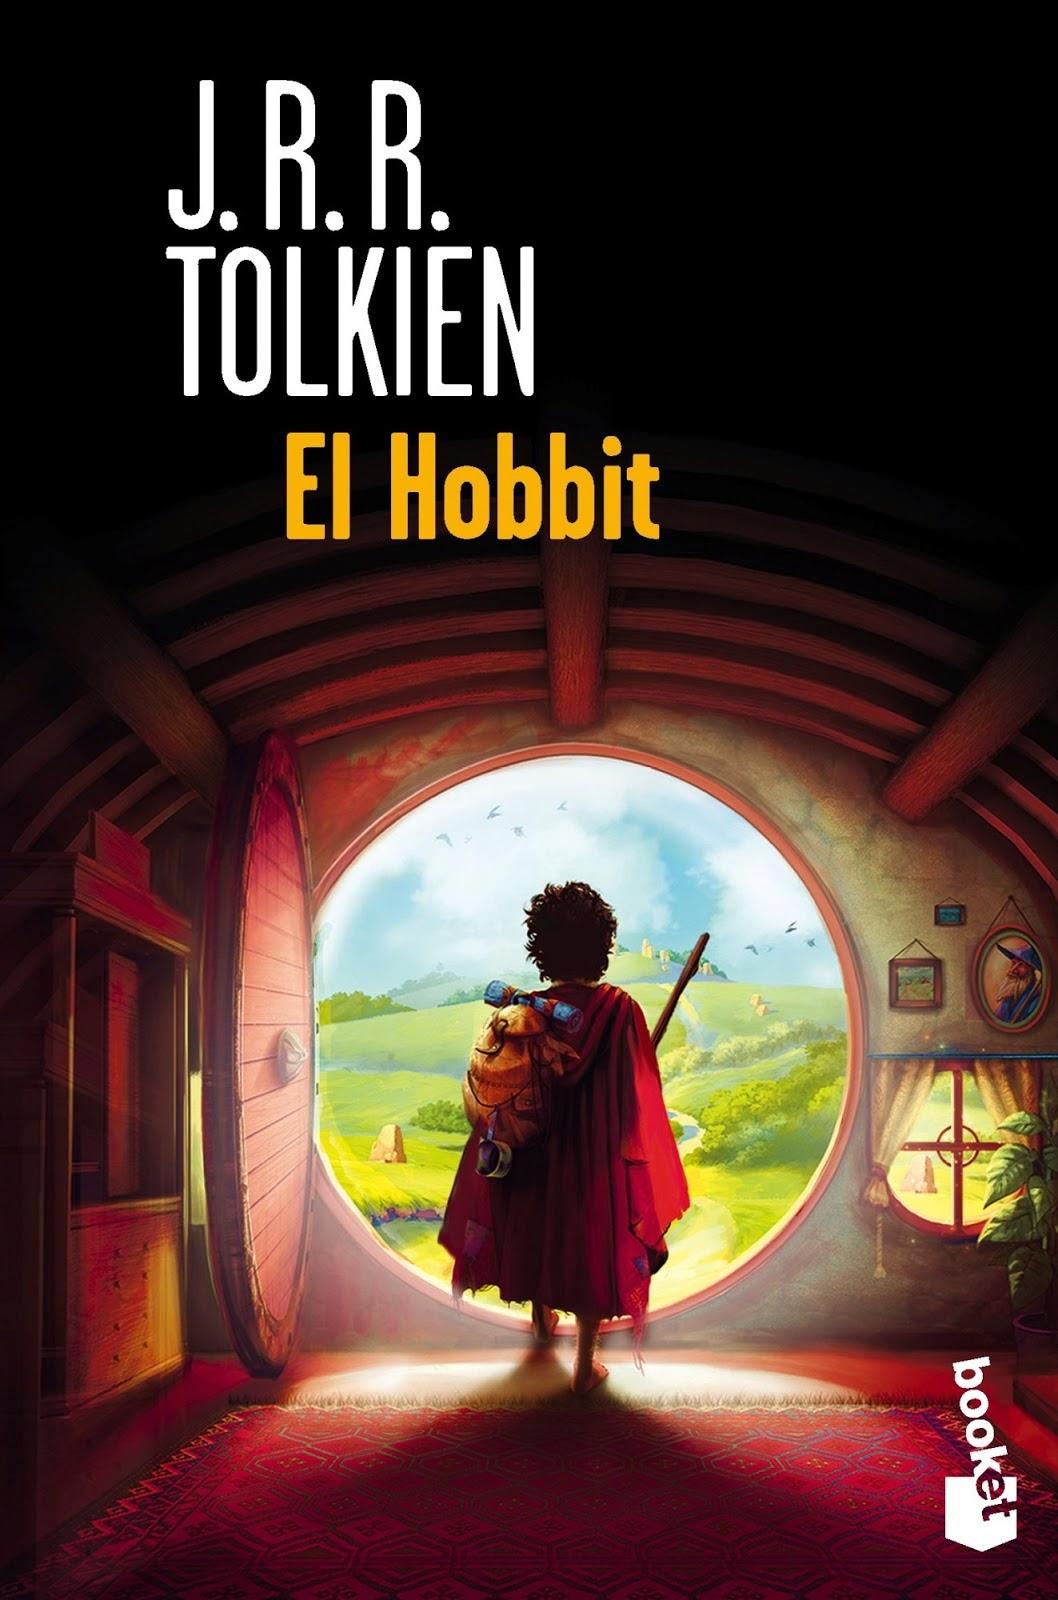 Tormenta de Libros: Reseña: El Hobbit - J. R. R. Tolkien